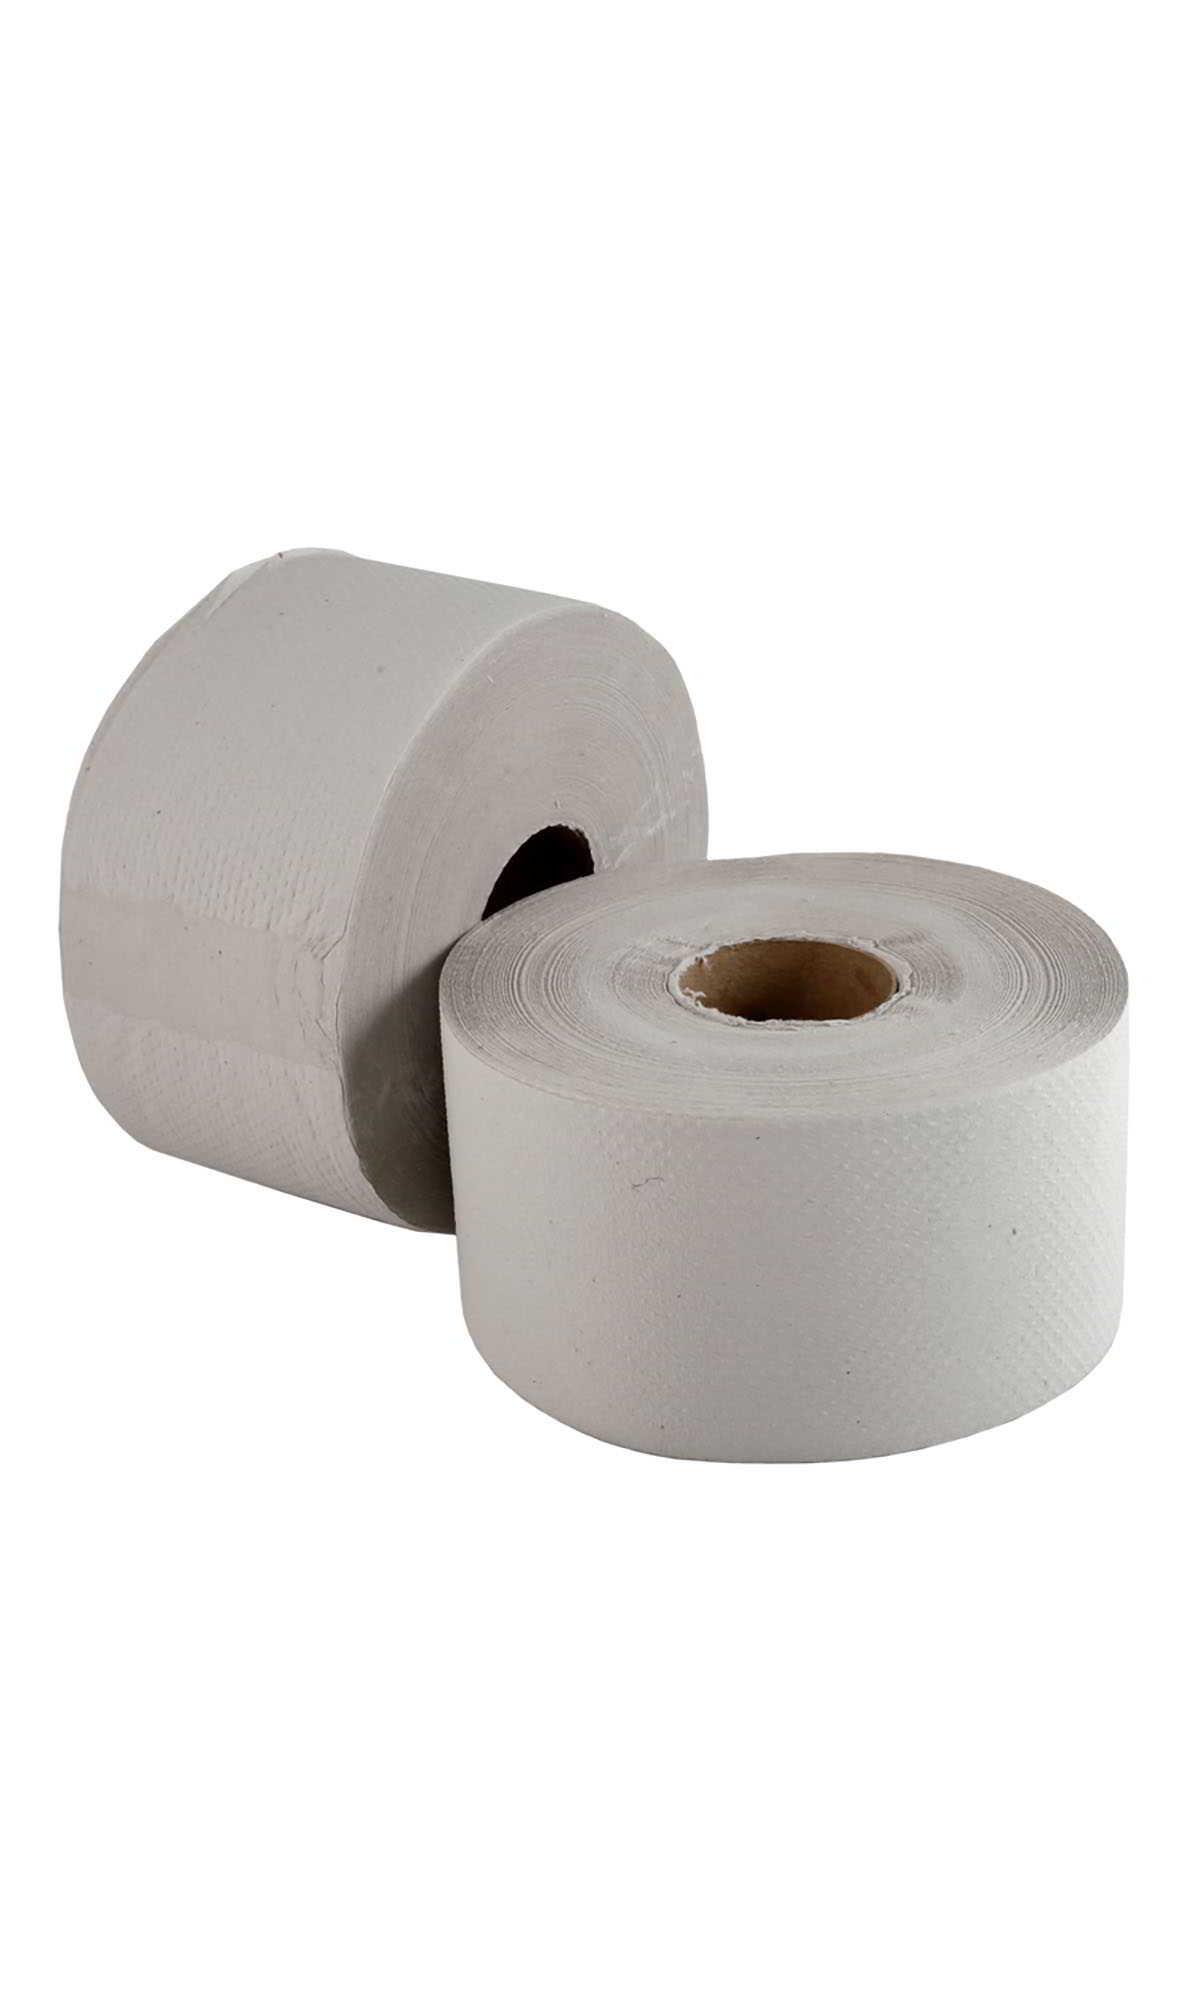 Jumbo кормушка туалетная бумага 18см серый